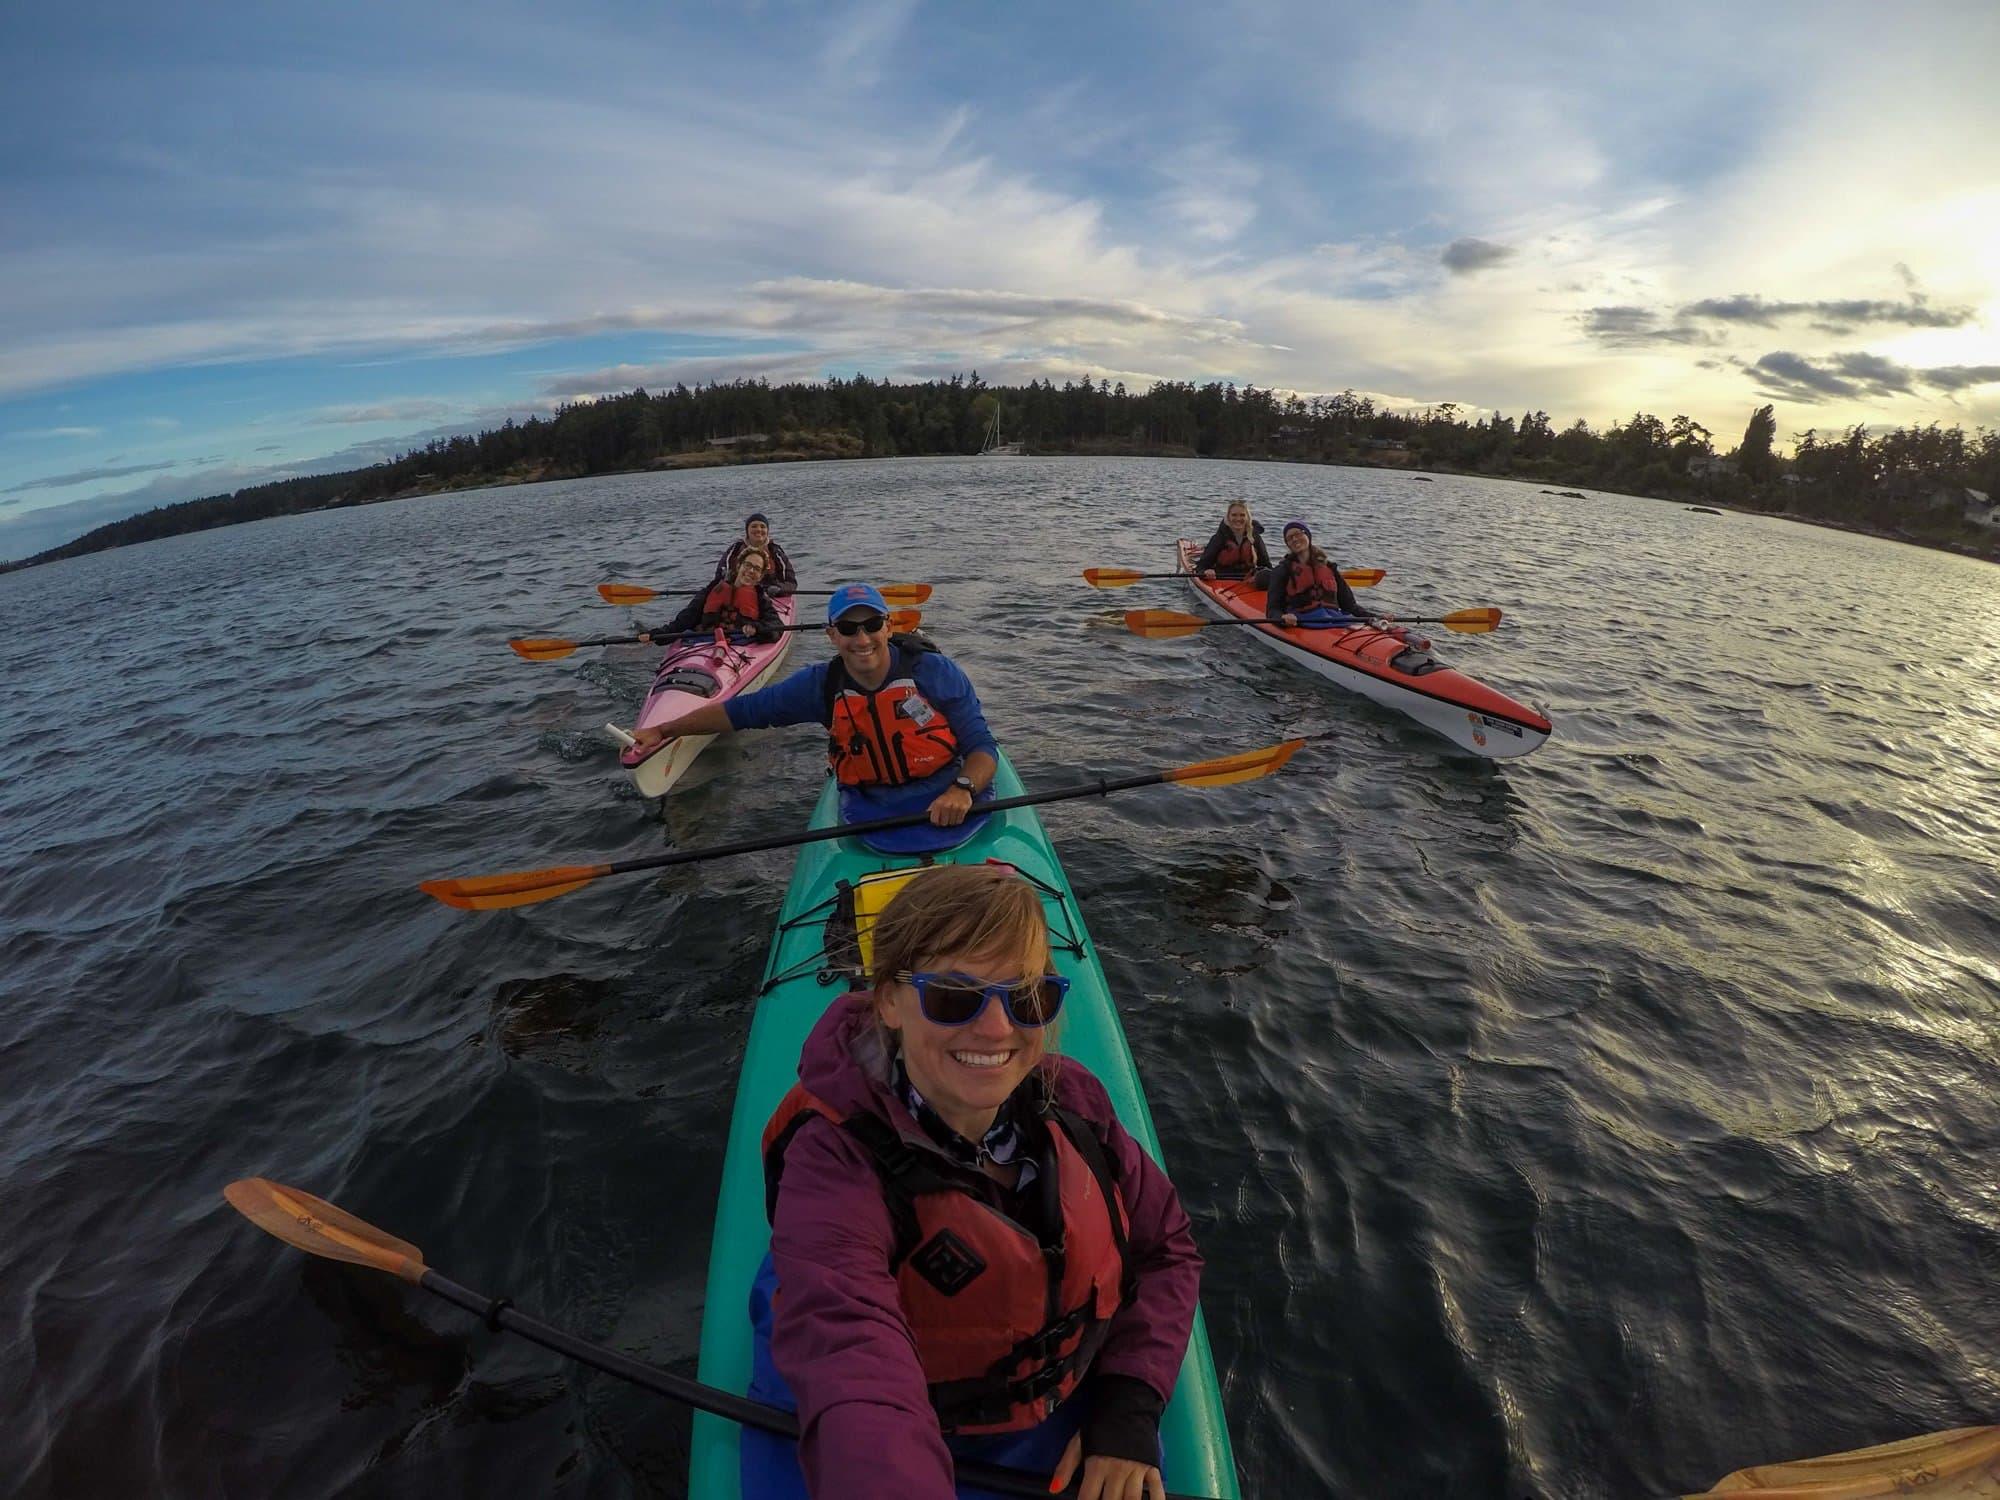 San Juan Islands Kayaking // Learn what to wear kayaking in this blog post